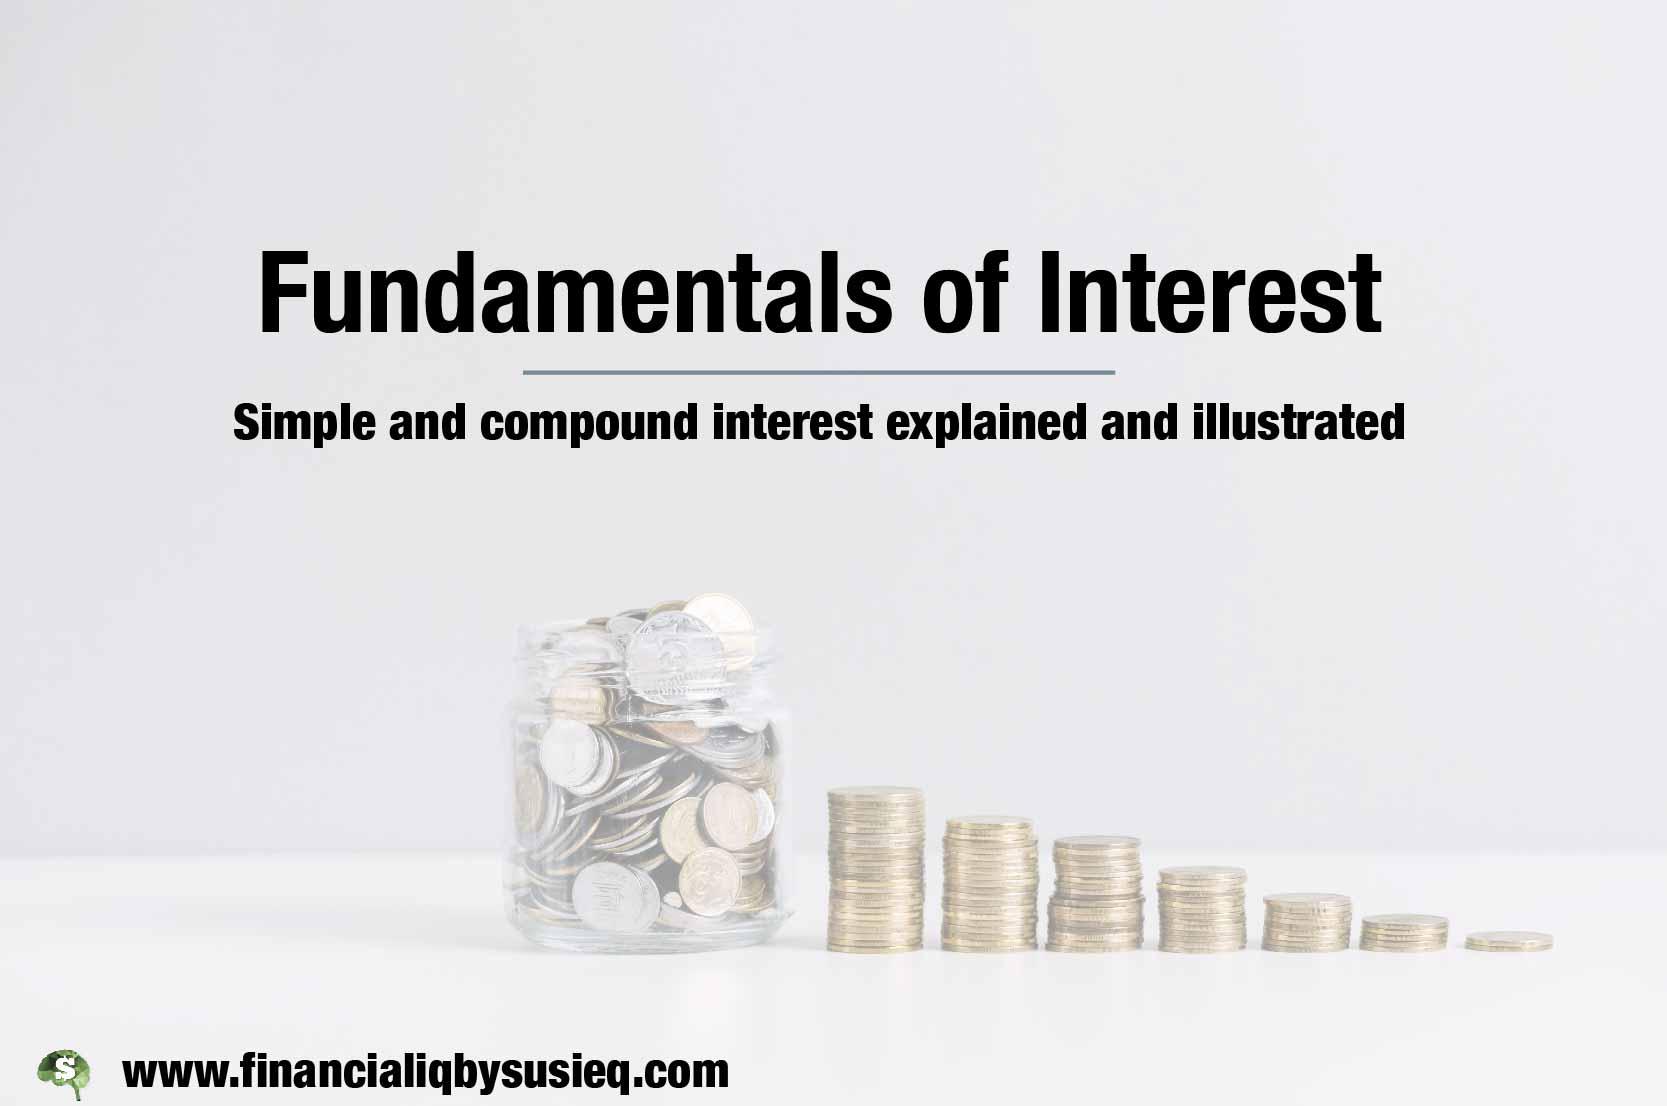 Fundamentals of Interest